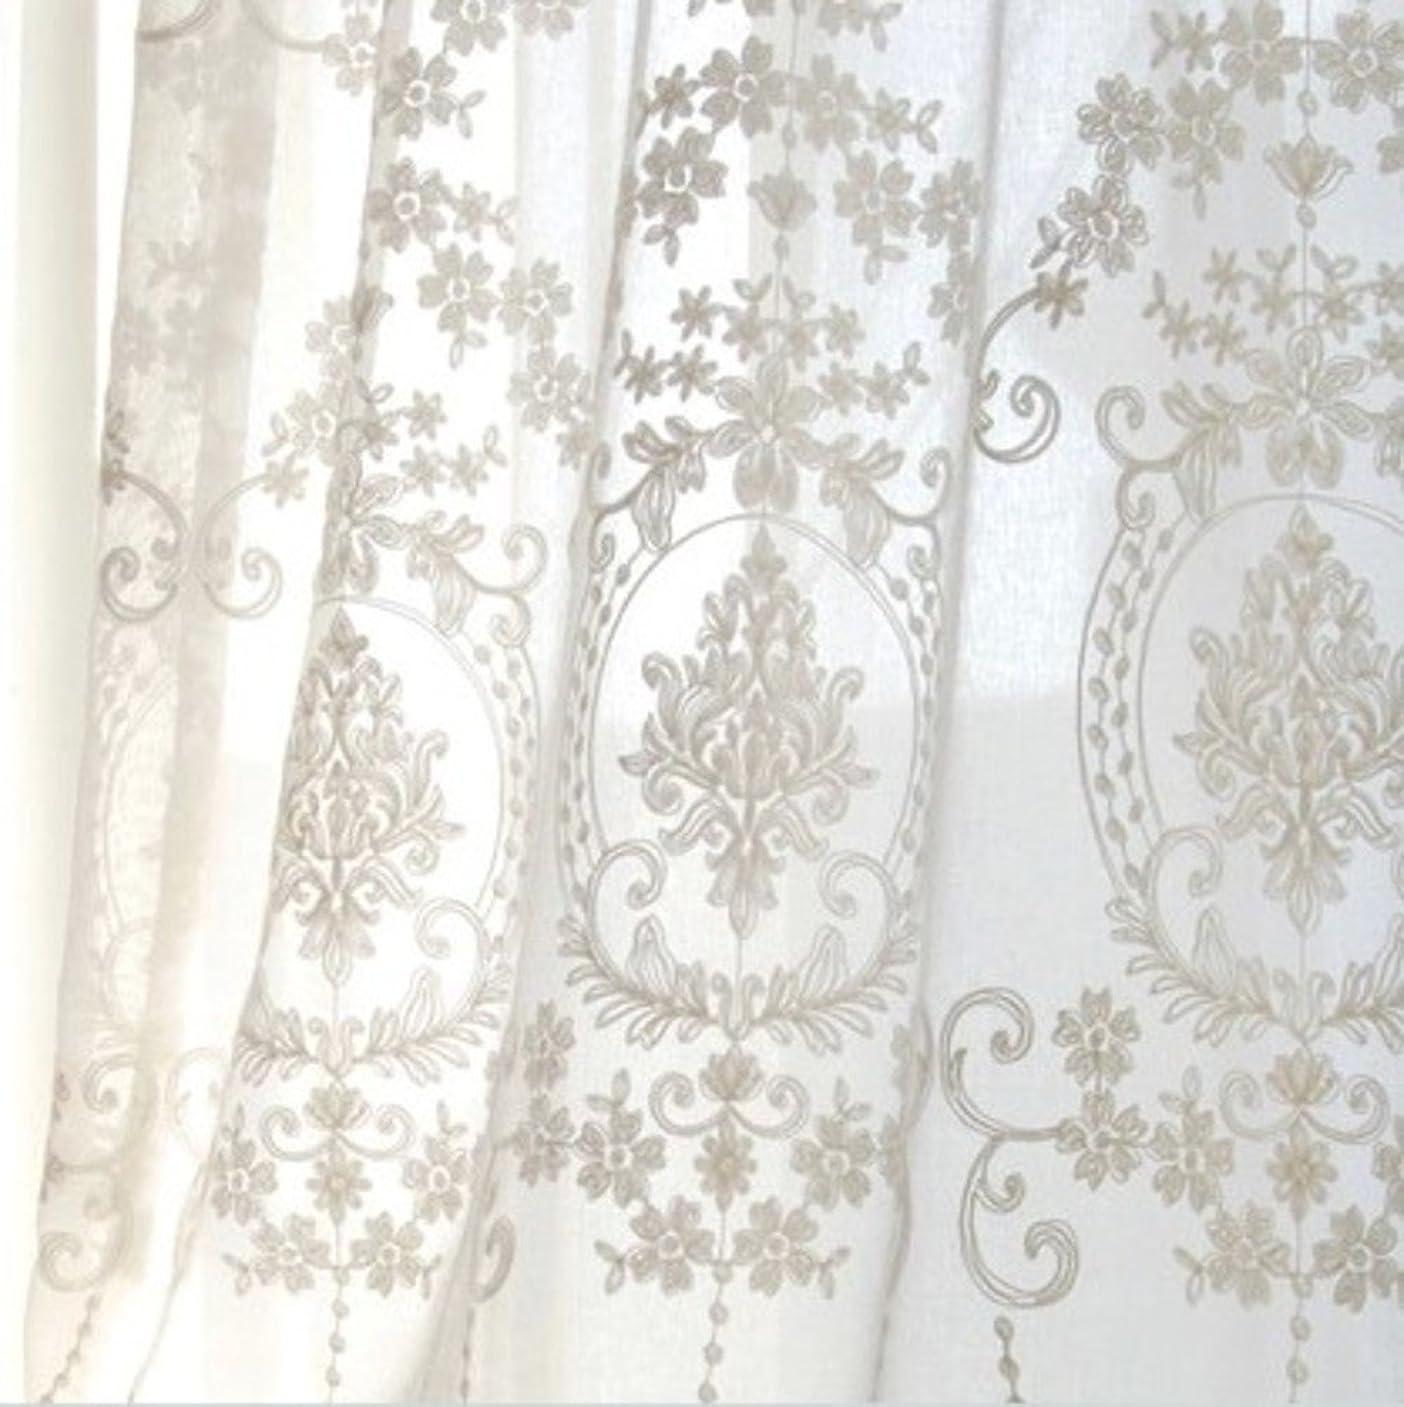 銃棚エレガントセーリング 薄手カーテン, エレガント 花 刺繍 レース ベッド グロメット 半遮光 ルーム ソフト カーテン-ホワイト 350x270cm(138x106inch)